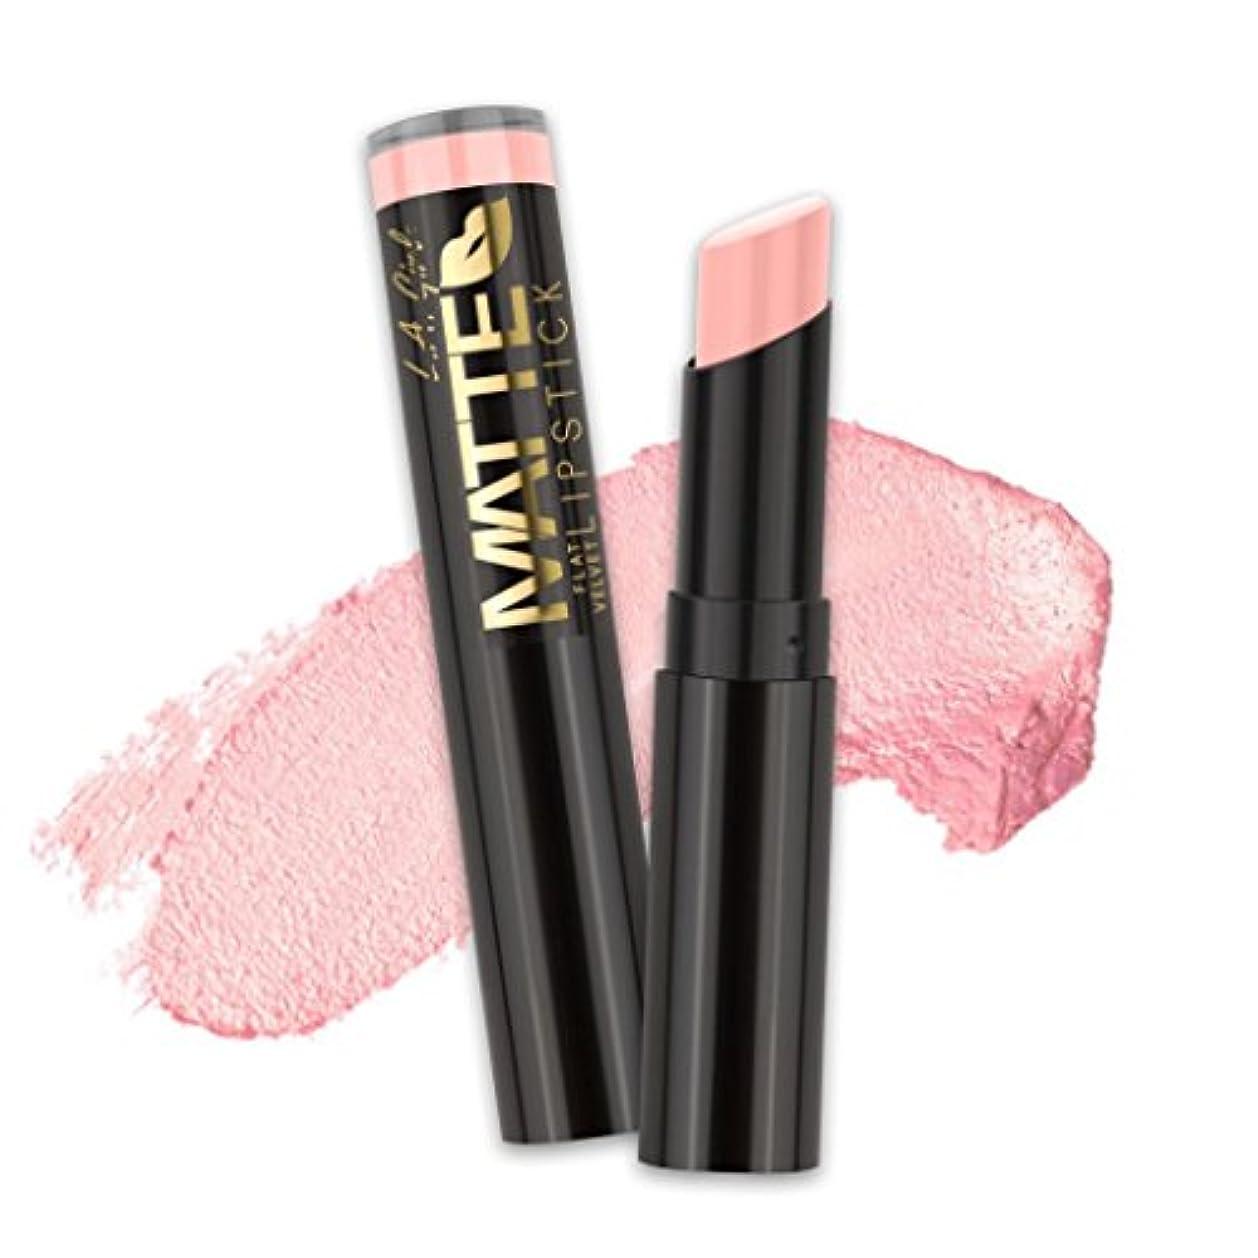 増強する収束販売員(6 Pack) L.A. GIRL Matte Flat Velvet Lipstick - Ooh La La! (並行輸入品)